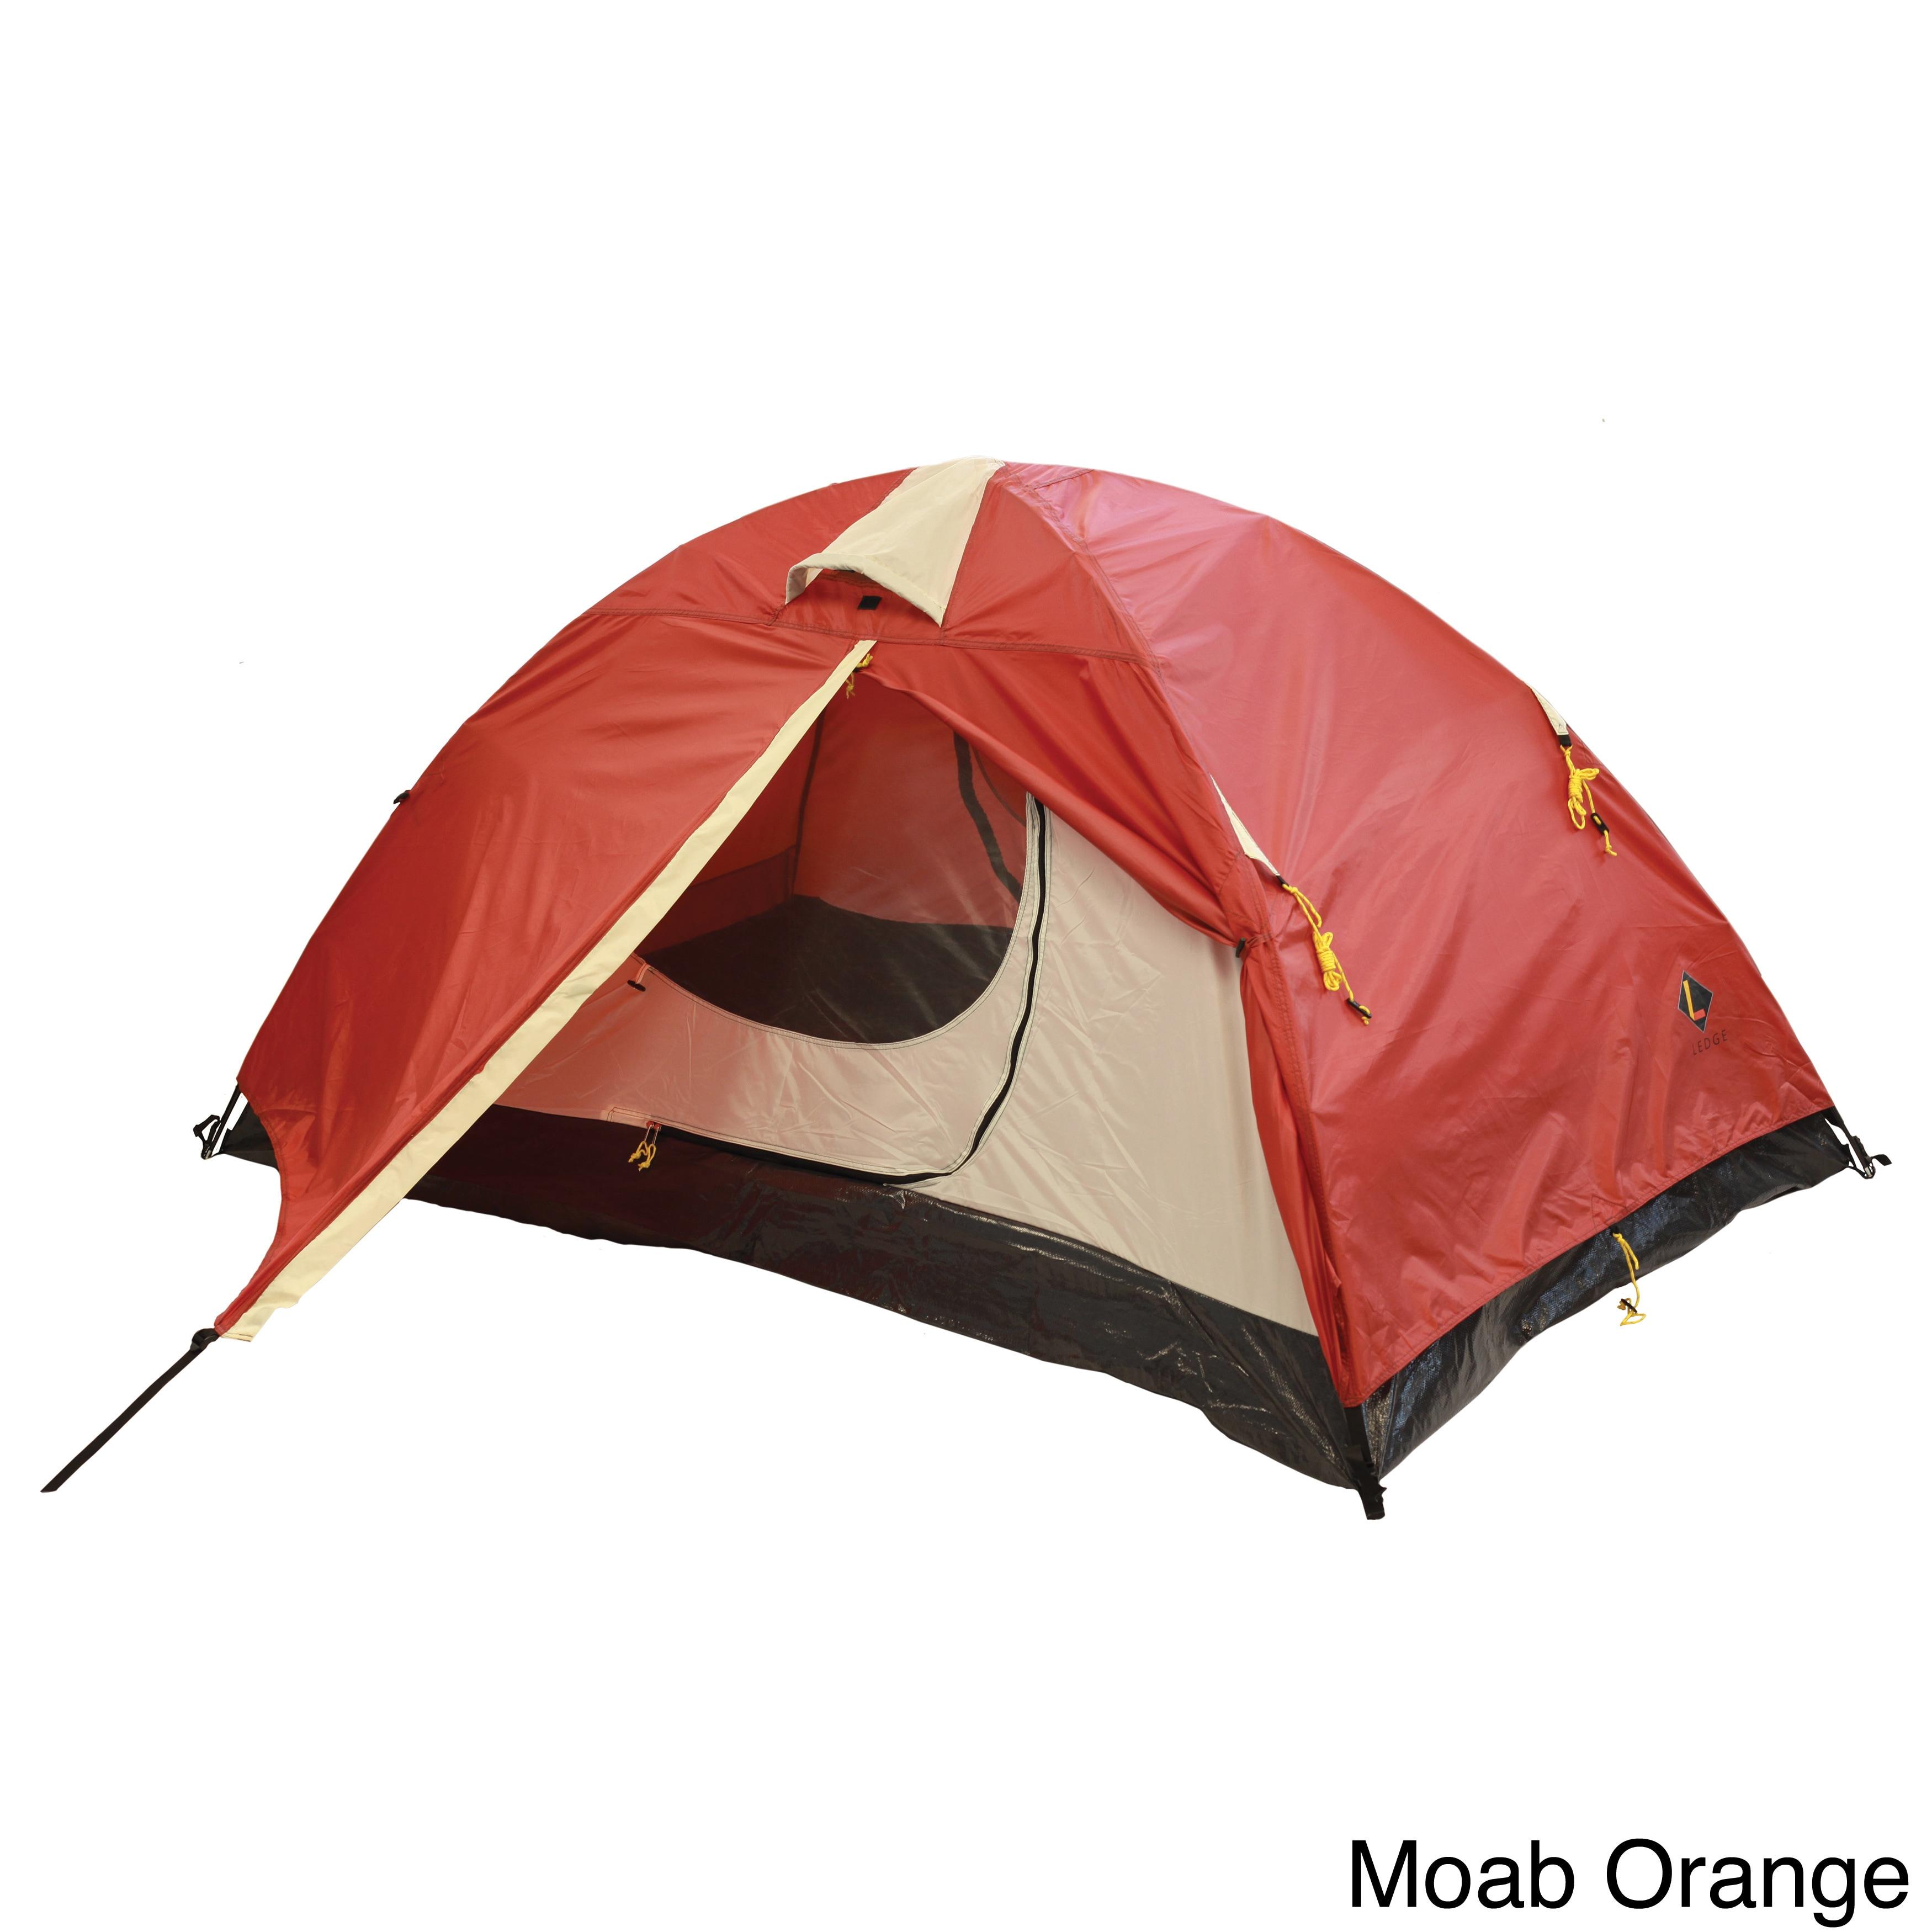 837e06542 Shop Ledge Tarantula 2-person Dual Door/ Vestibule Tent - Free ...